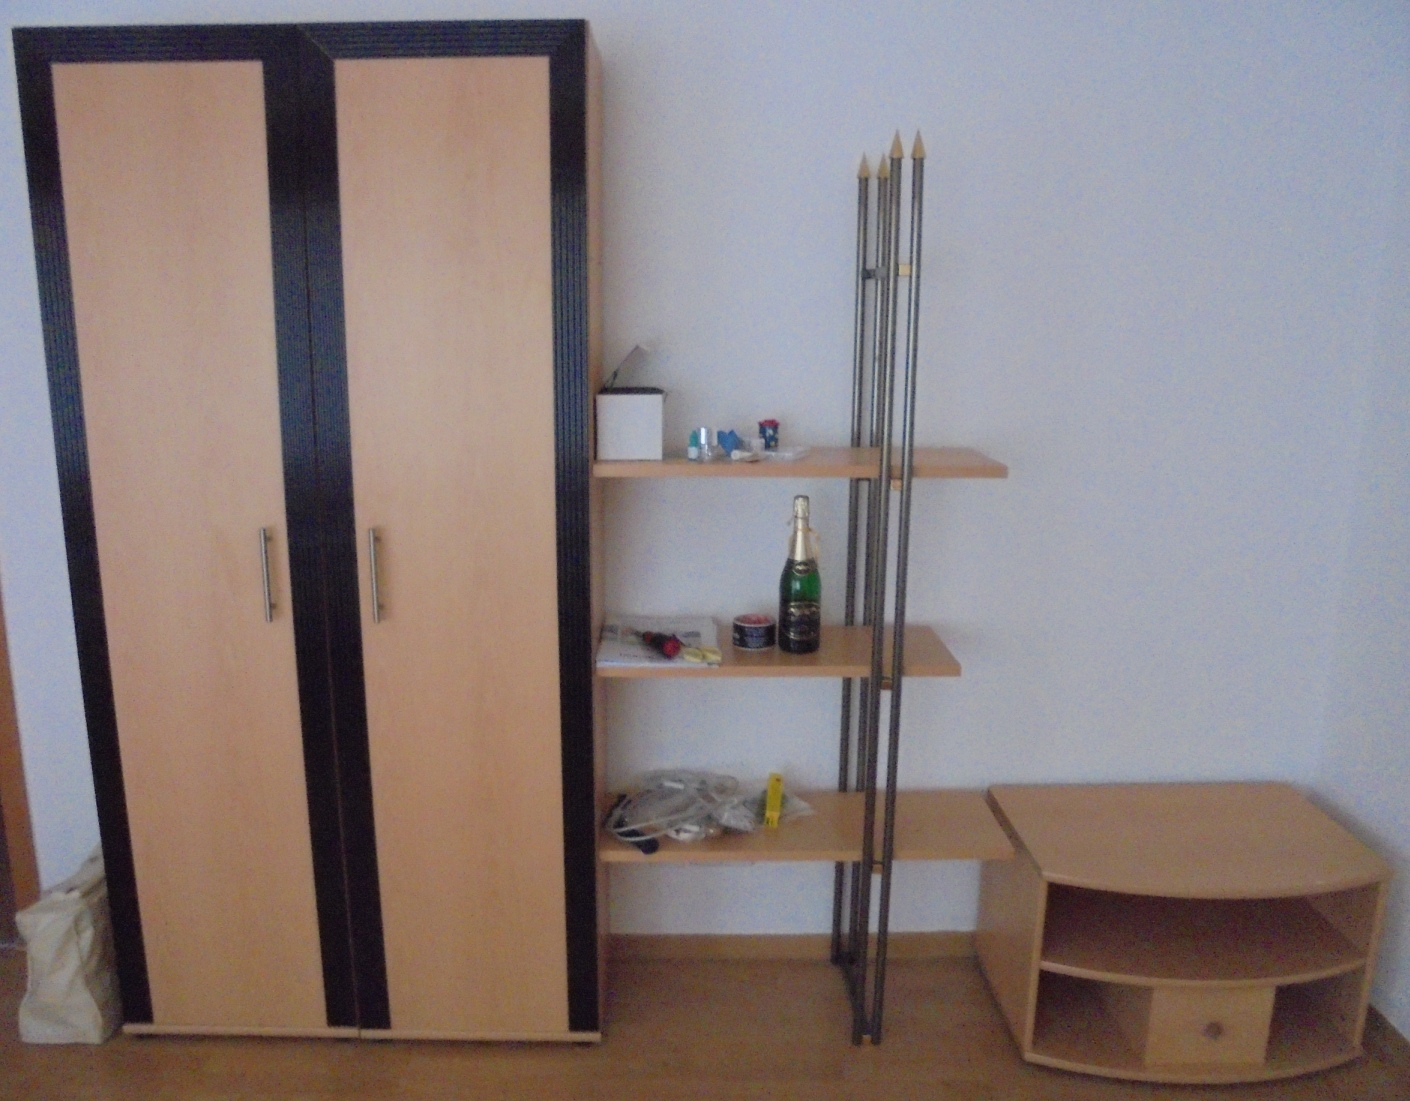 wandschrank buche hell regal tv schrank board wohnzimmer kleider schrank set ebay. Black Bedroom Furniture Sets. Home Design Ideas